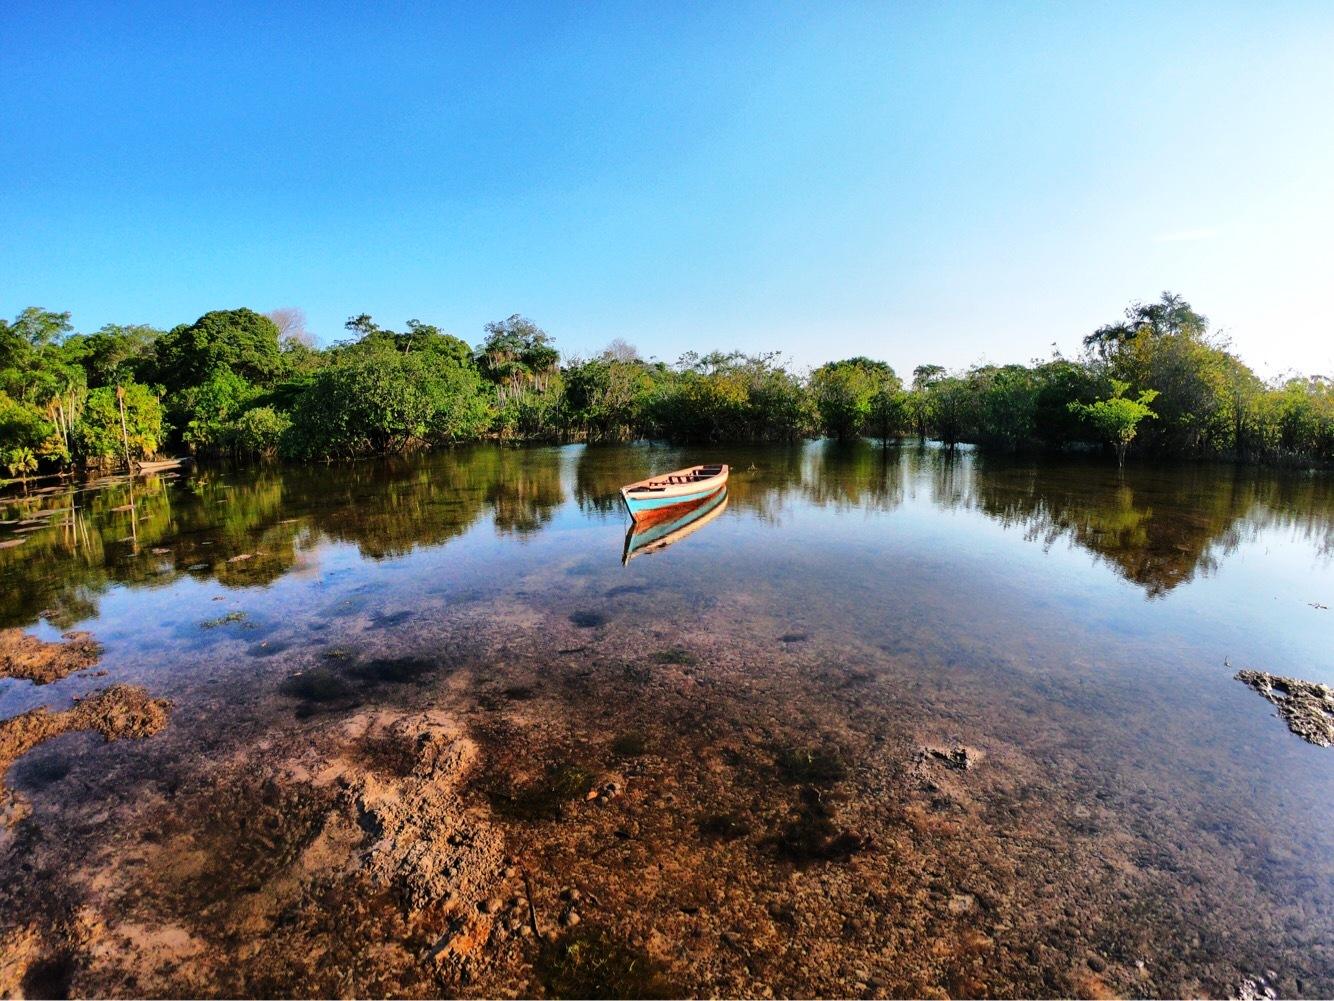 Esplendor e transparência do Lago do Tapari, de Felipe Soares Alho, tapari - olhar do0 leitor